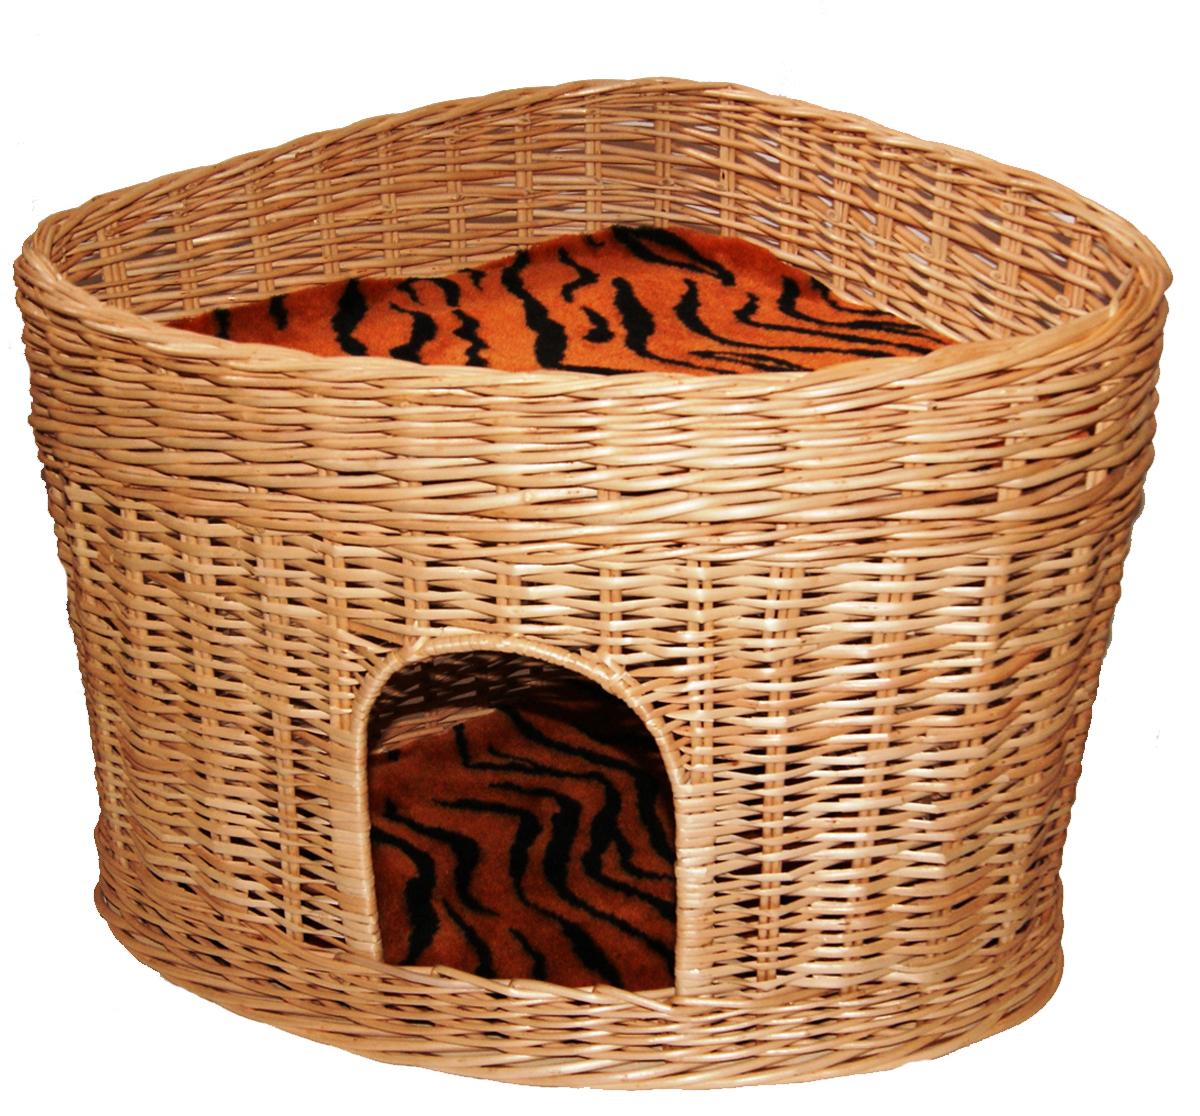 Домик для кошек Меридиан, угловой, 2-ярусный, цвет: тигровый, 61 х 43 х 47 см домик когтеточка меридиан угловой 4 ярусный цвет тигровый 55 х 48 х 158 см